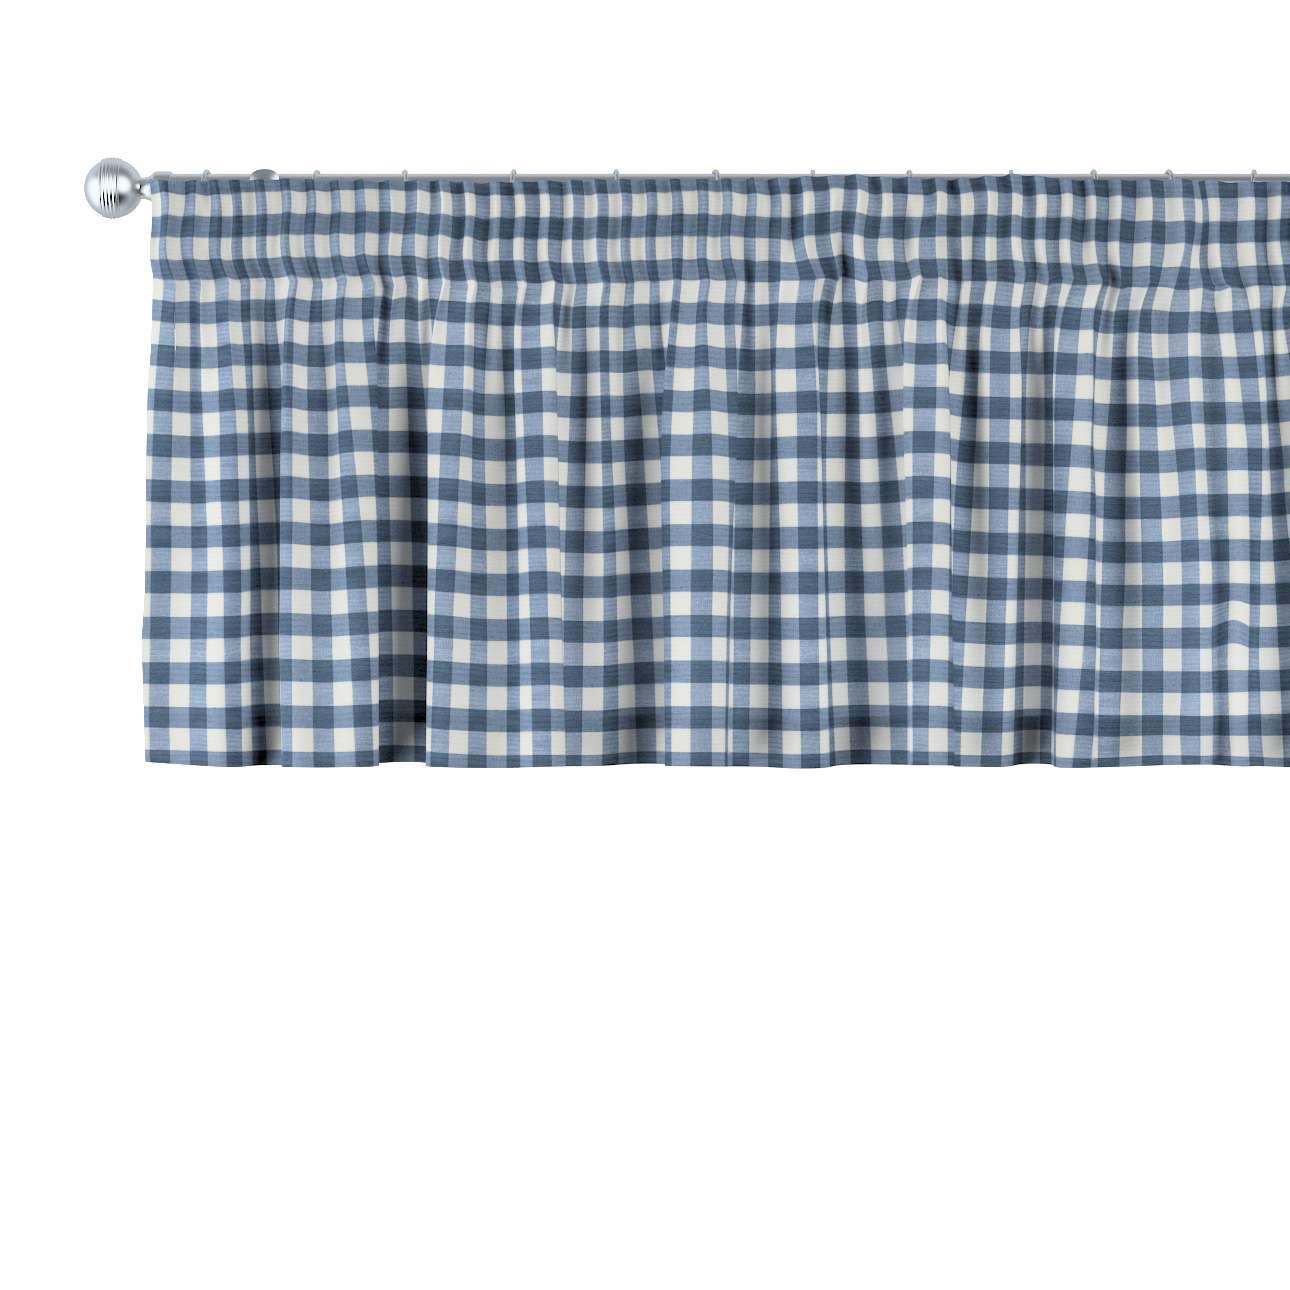 Trumpa užuolaidėlė (lambrekenas) pieštukinis klostavimas 130 x 40 cm kolekcijoje Quadro, audinys: 136-01